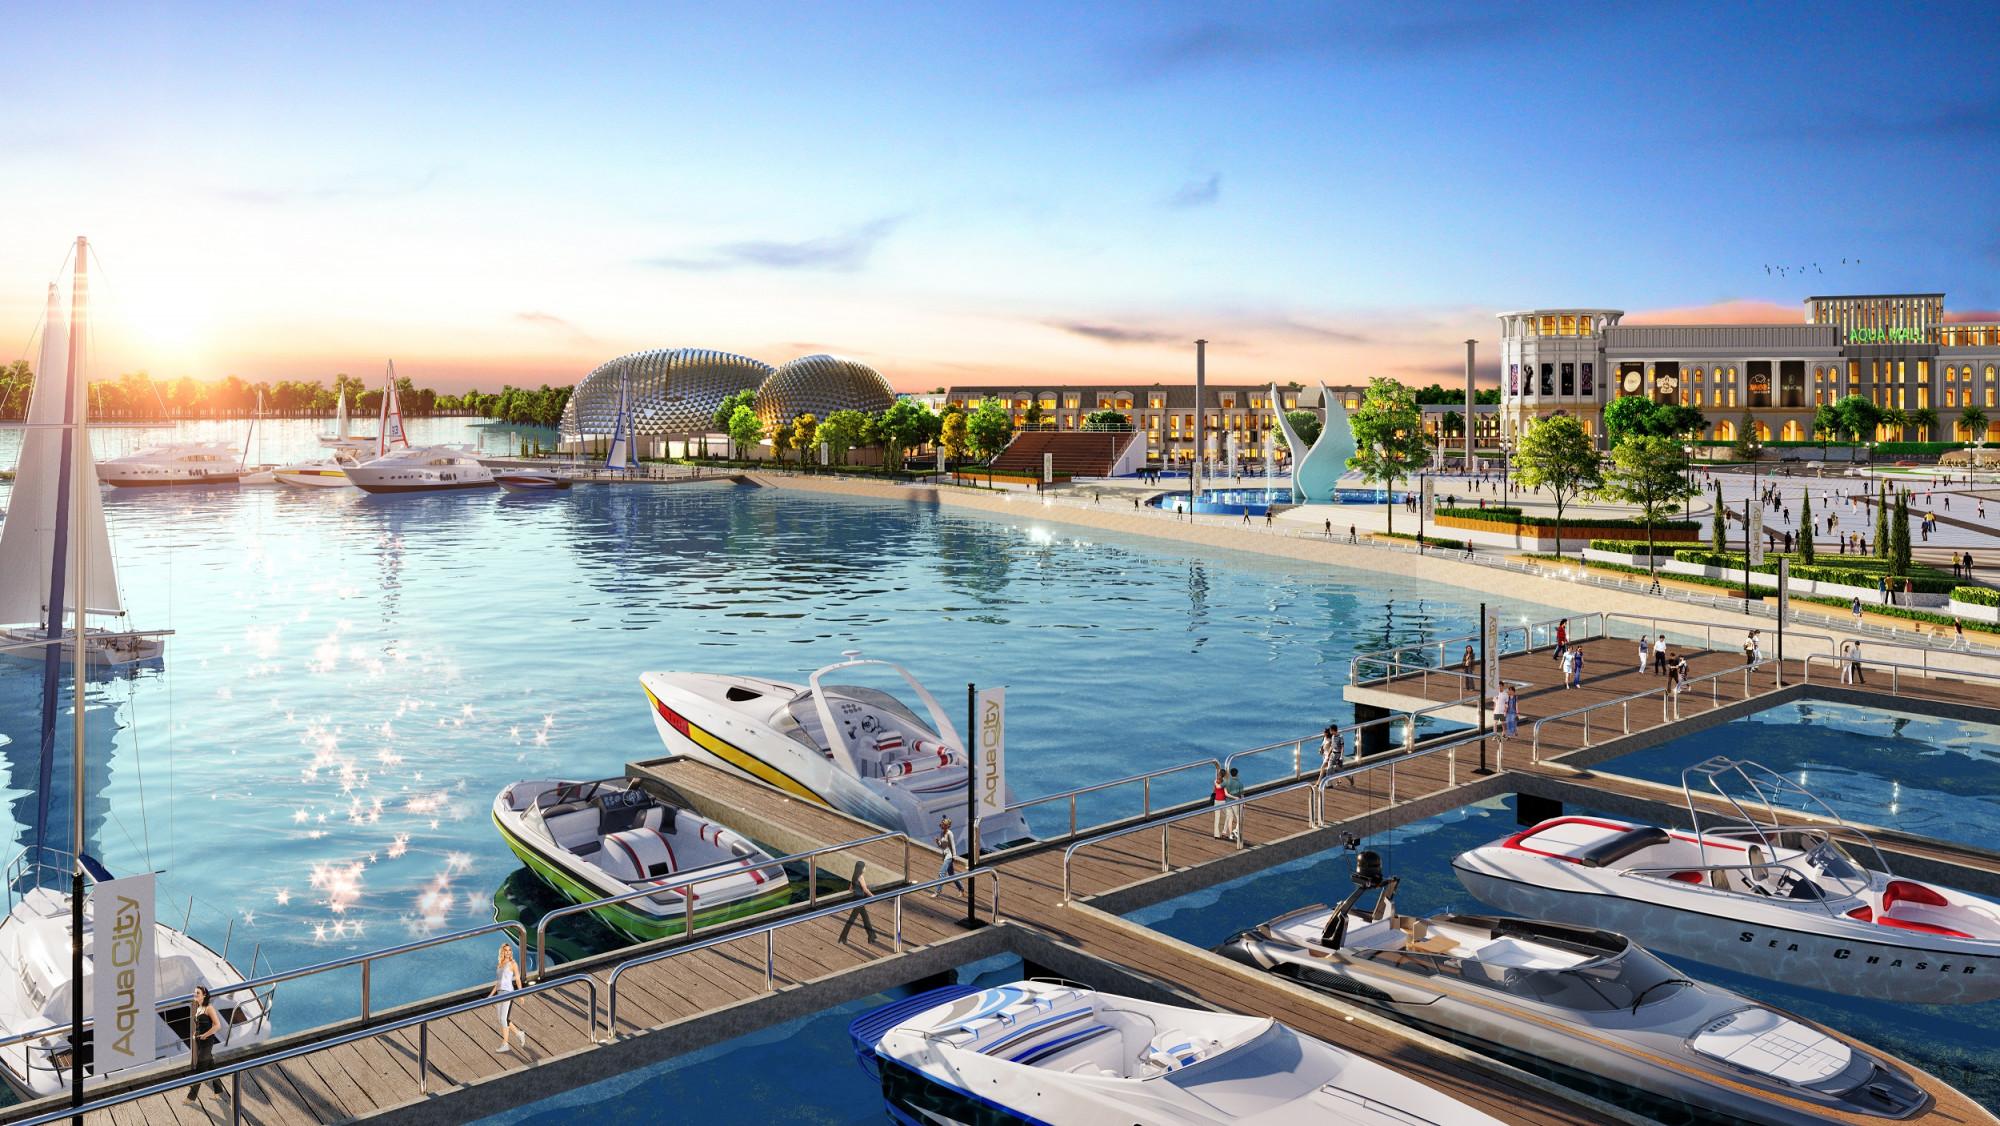 Anh Thơ nhận định tổ hợp quảng trường - bến du thuyền Aqua Marina được xem là điểm đến thỏa mãn lối sống đỉnh cao của cư dân và du khách